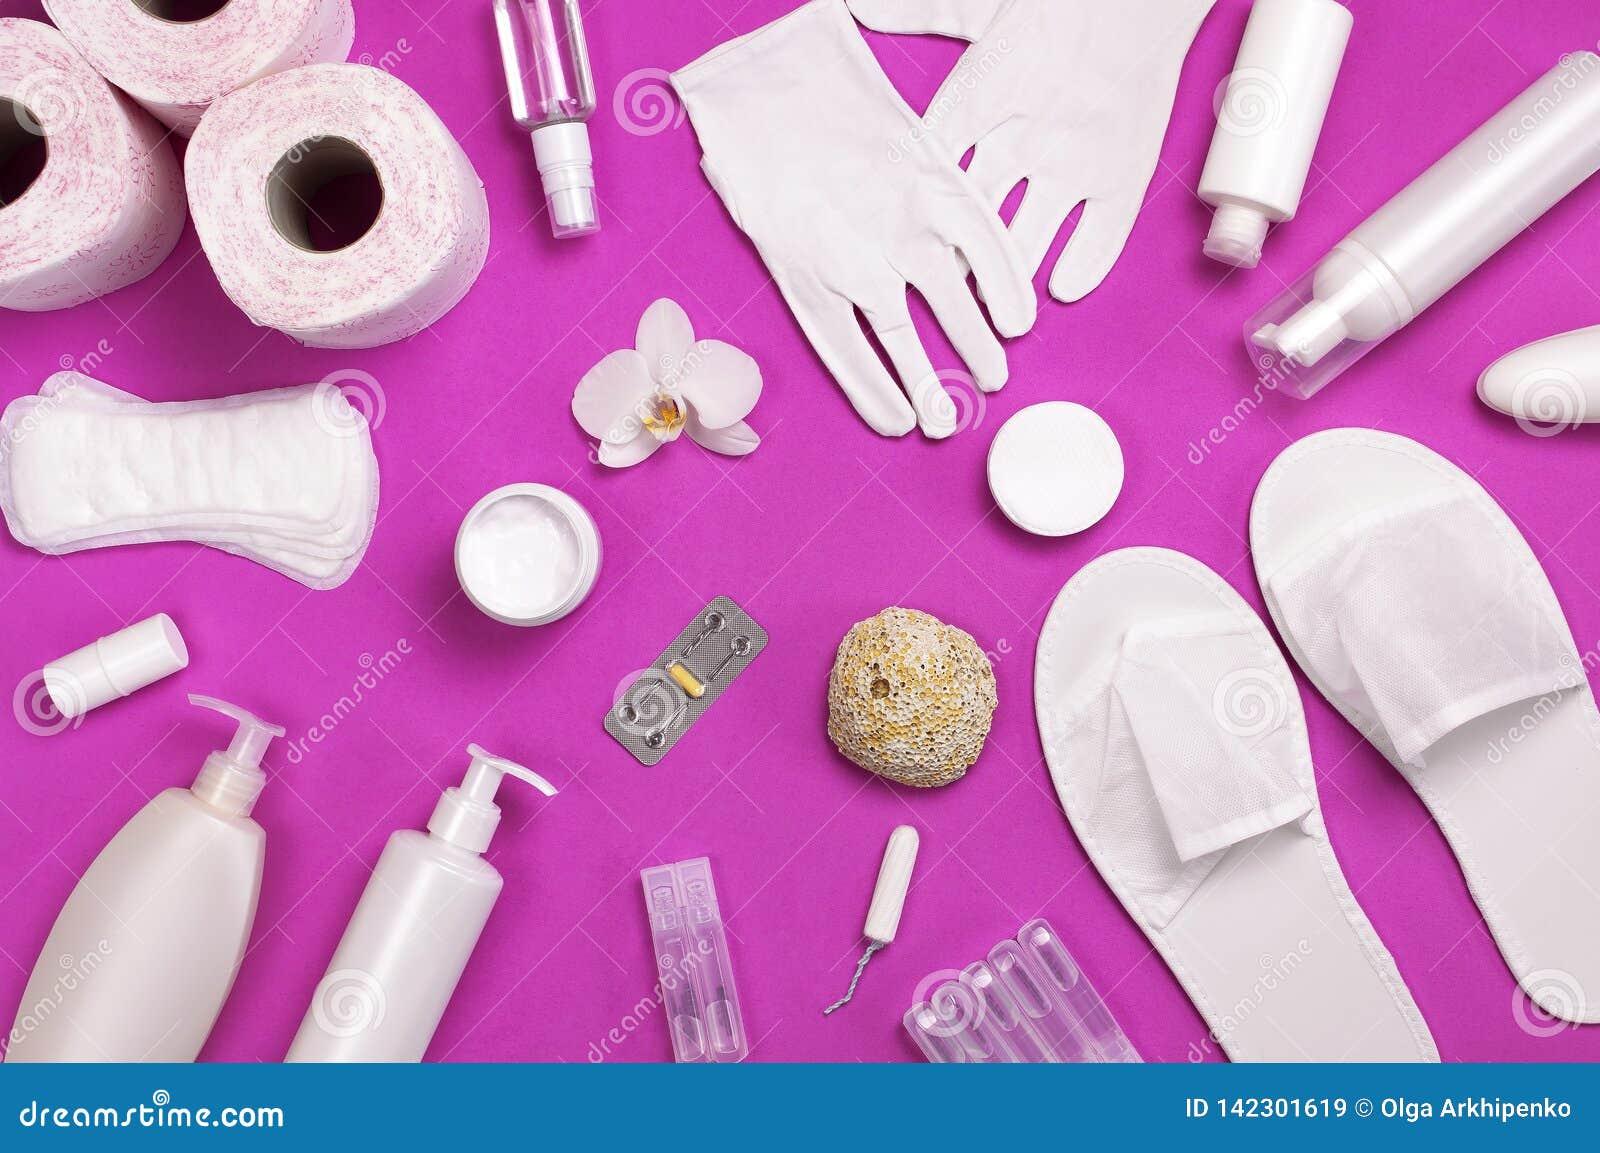 在桃红色的白色化妆瓶容器手套拖鞋卫生学项目垫圈棉塞化装棉手纸片剂兰花花